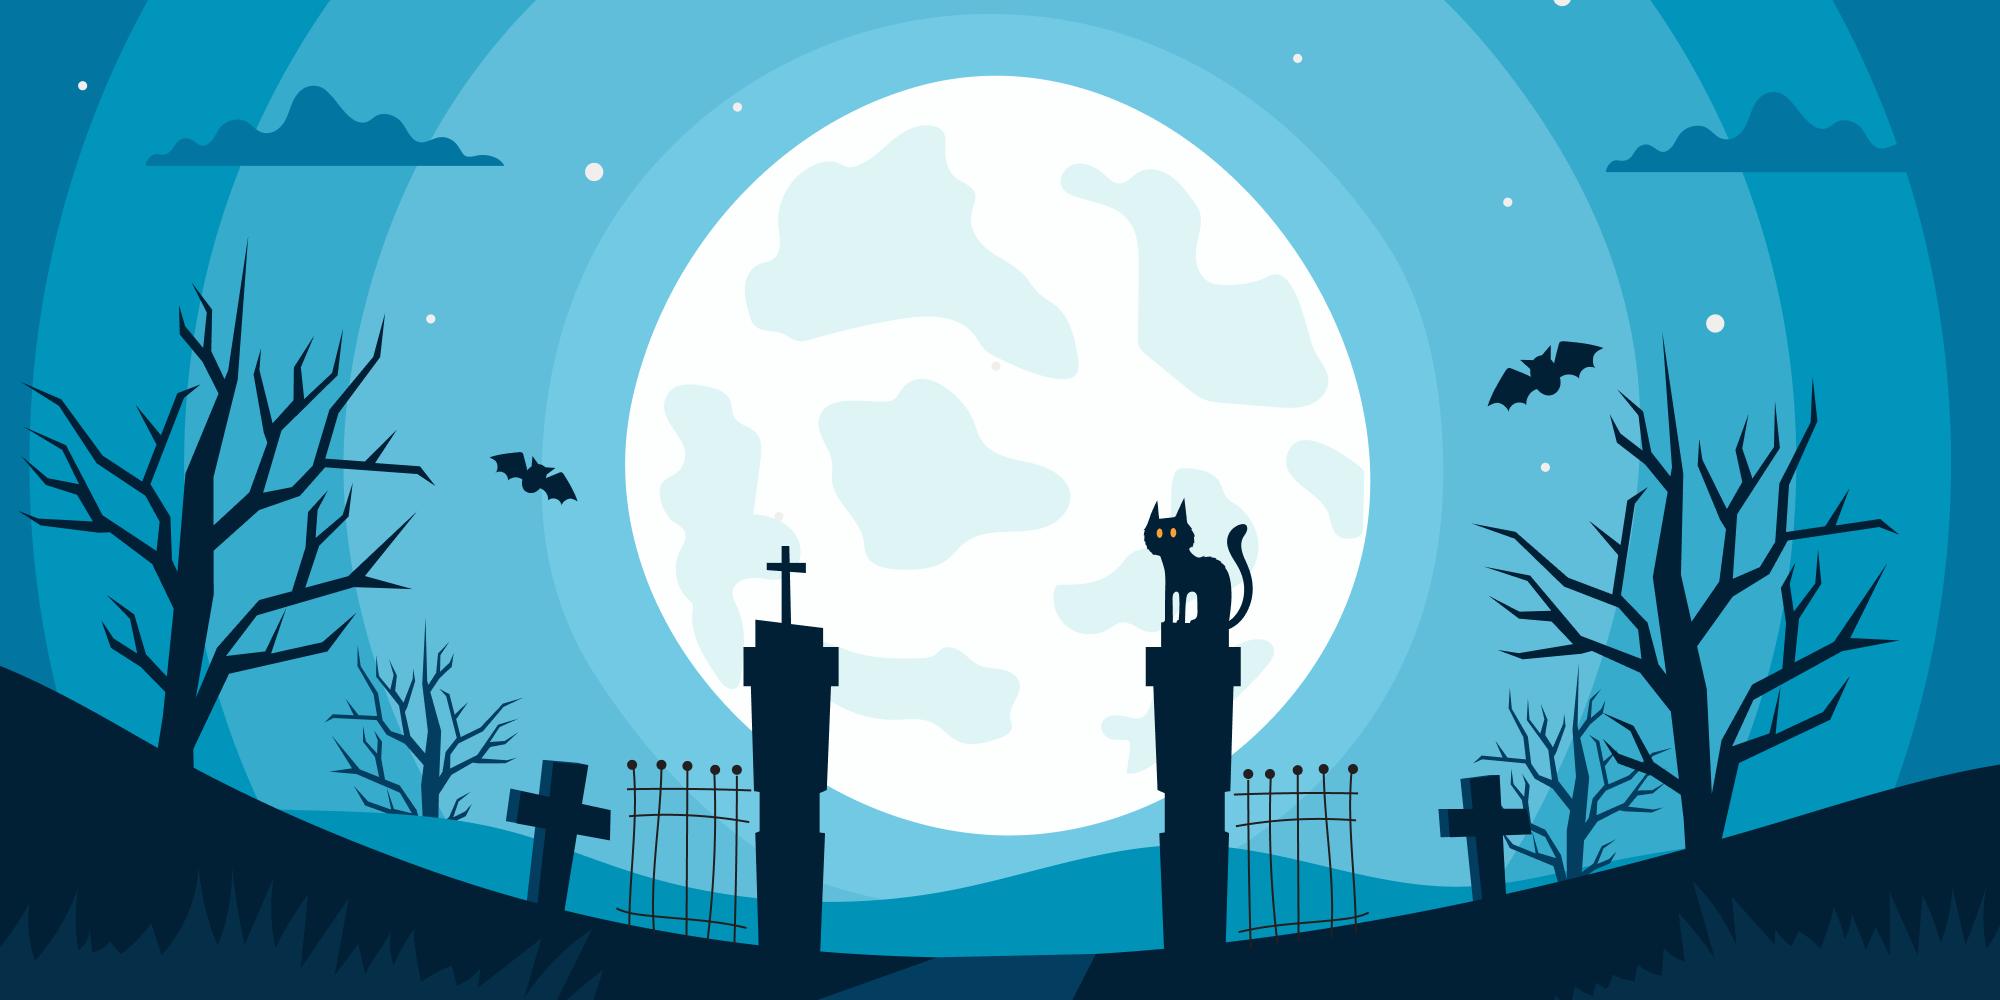 ТОП-5 жутких хэллоуинских страшилок от программистов